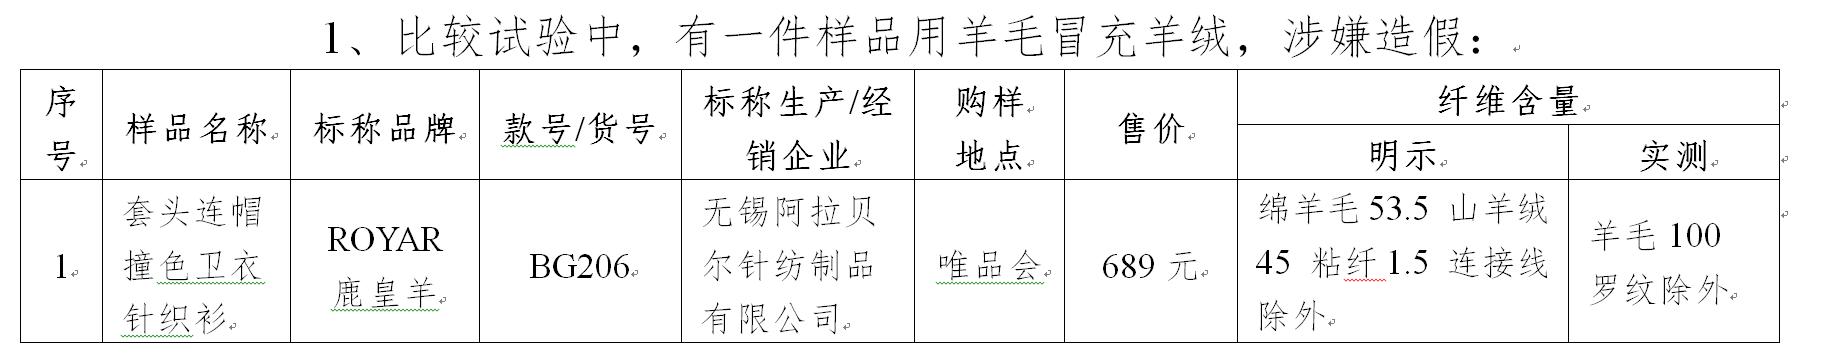 宝马(中国)召回81辆进口M5、M8汽车线束短路存隐患